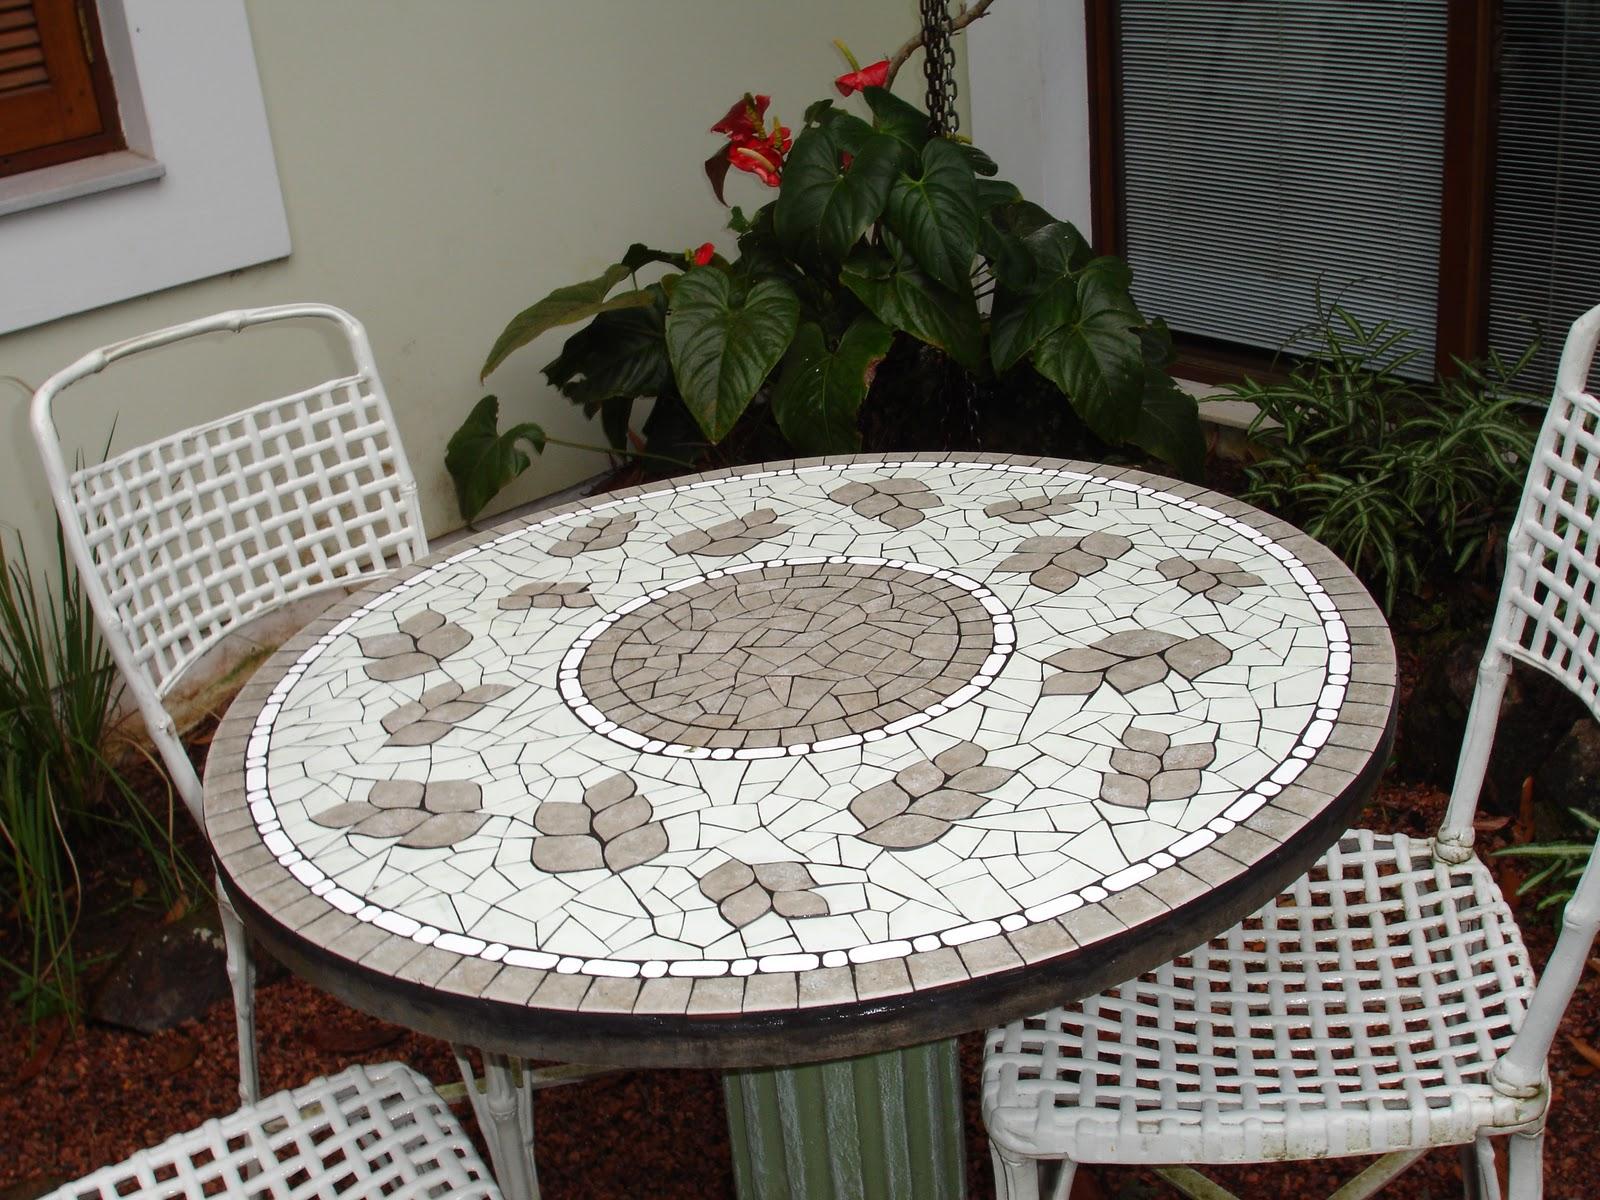 mesa jardim concreto : mesa jardim concreto:Blog de mosaicos da Ilse: mesas de concreto